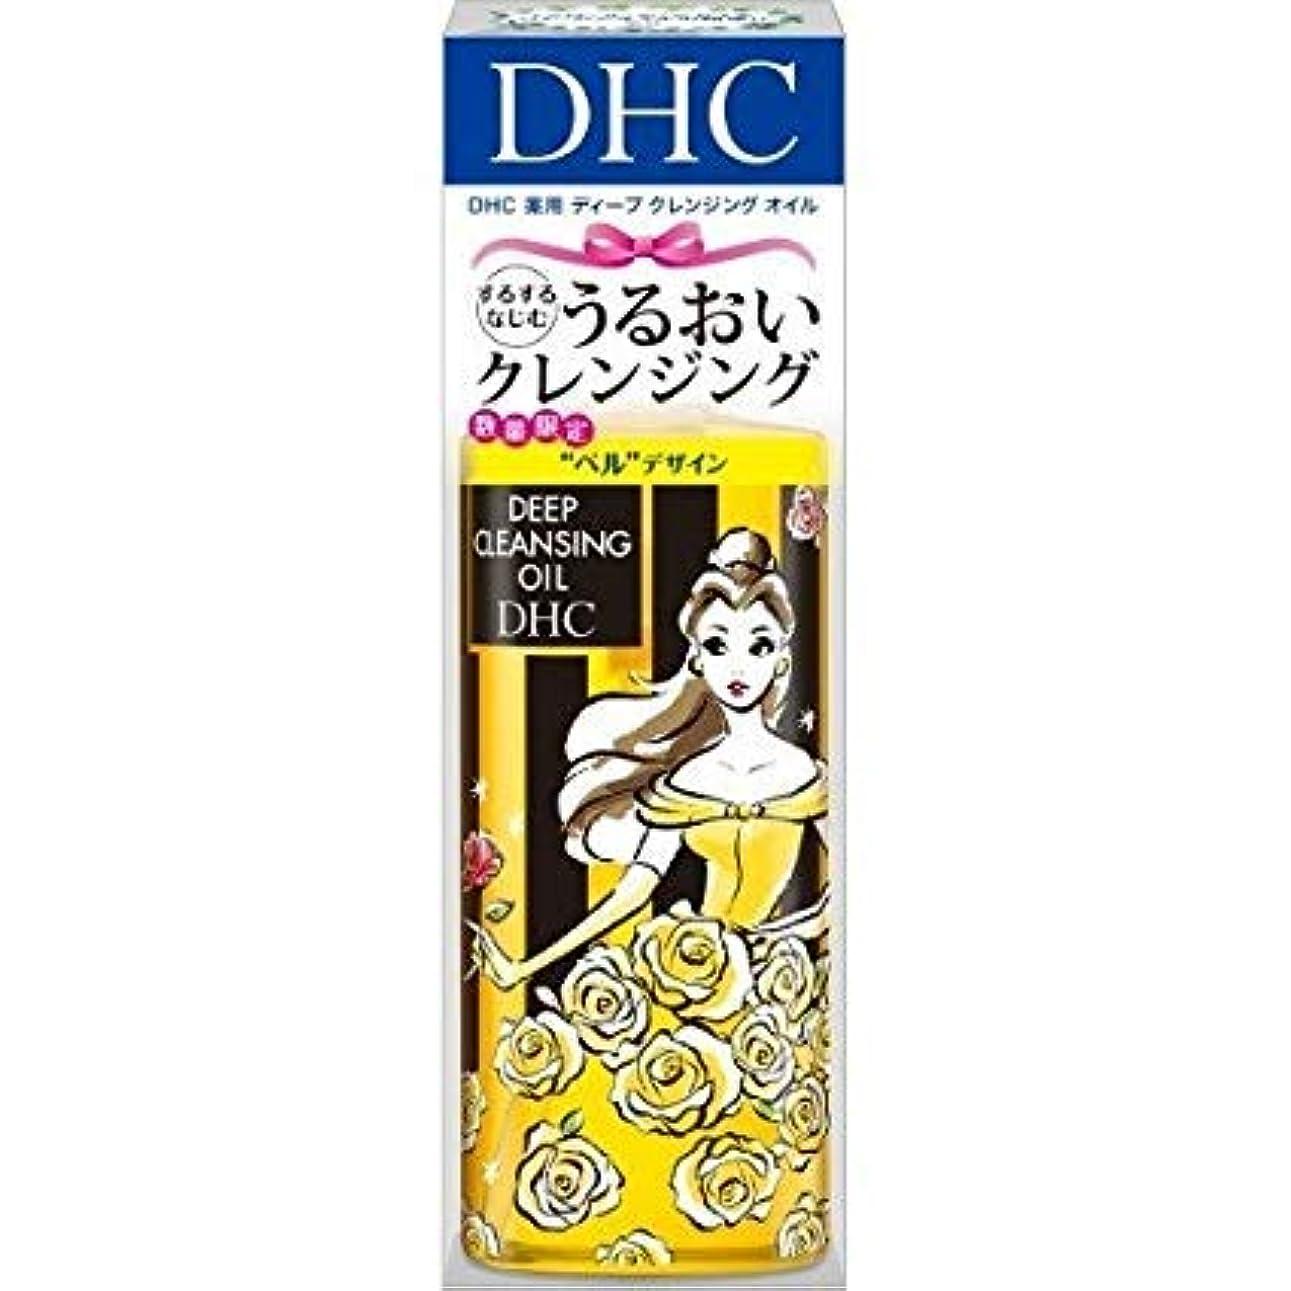 宣言特徴円周DHC 薬用 ディープクレンジング オイル ベル SSL 150ml